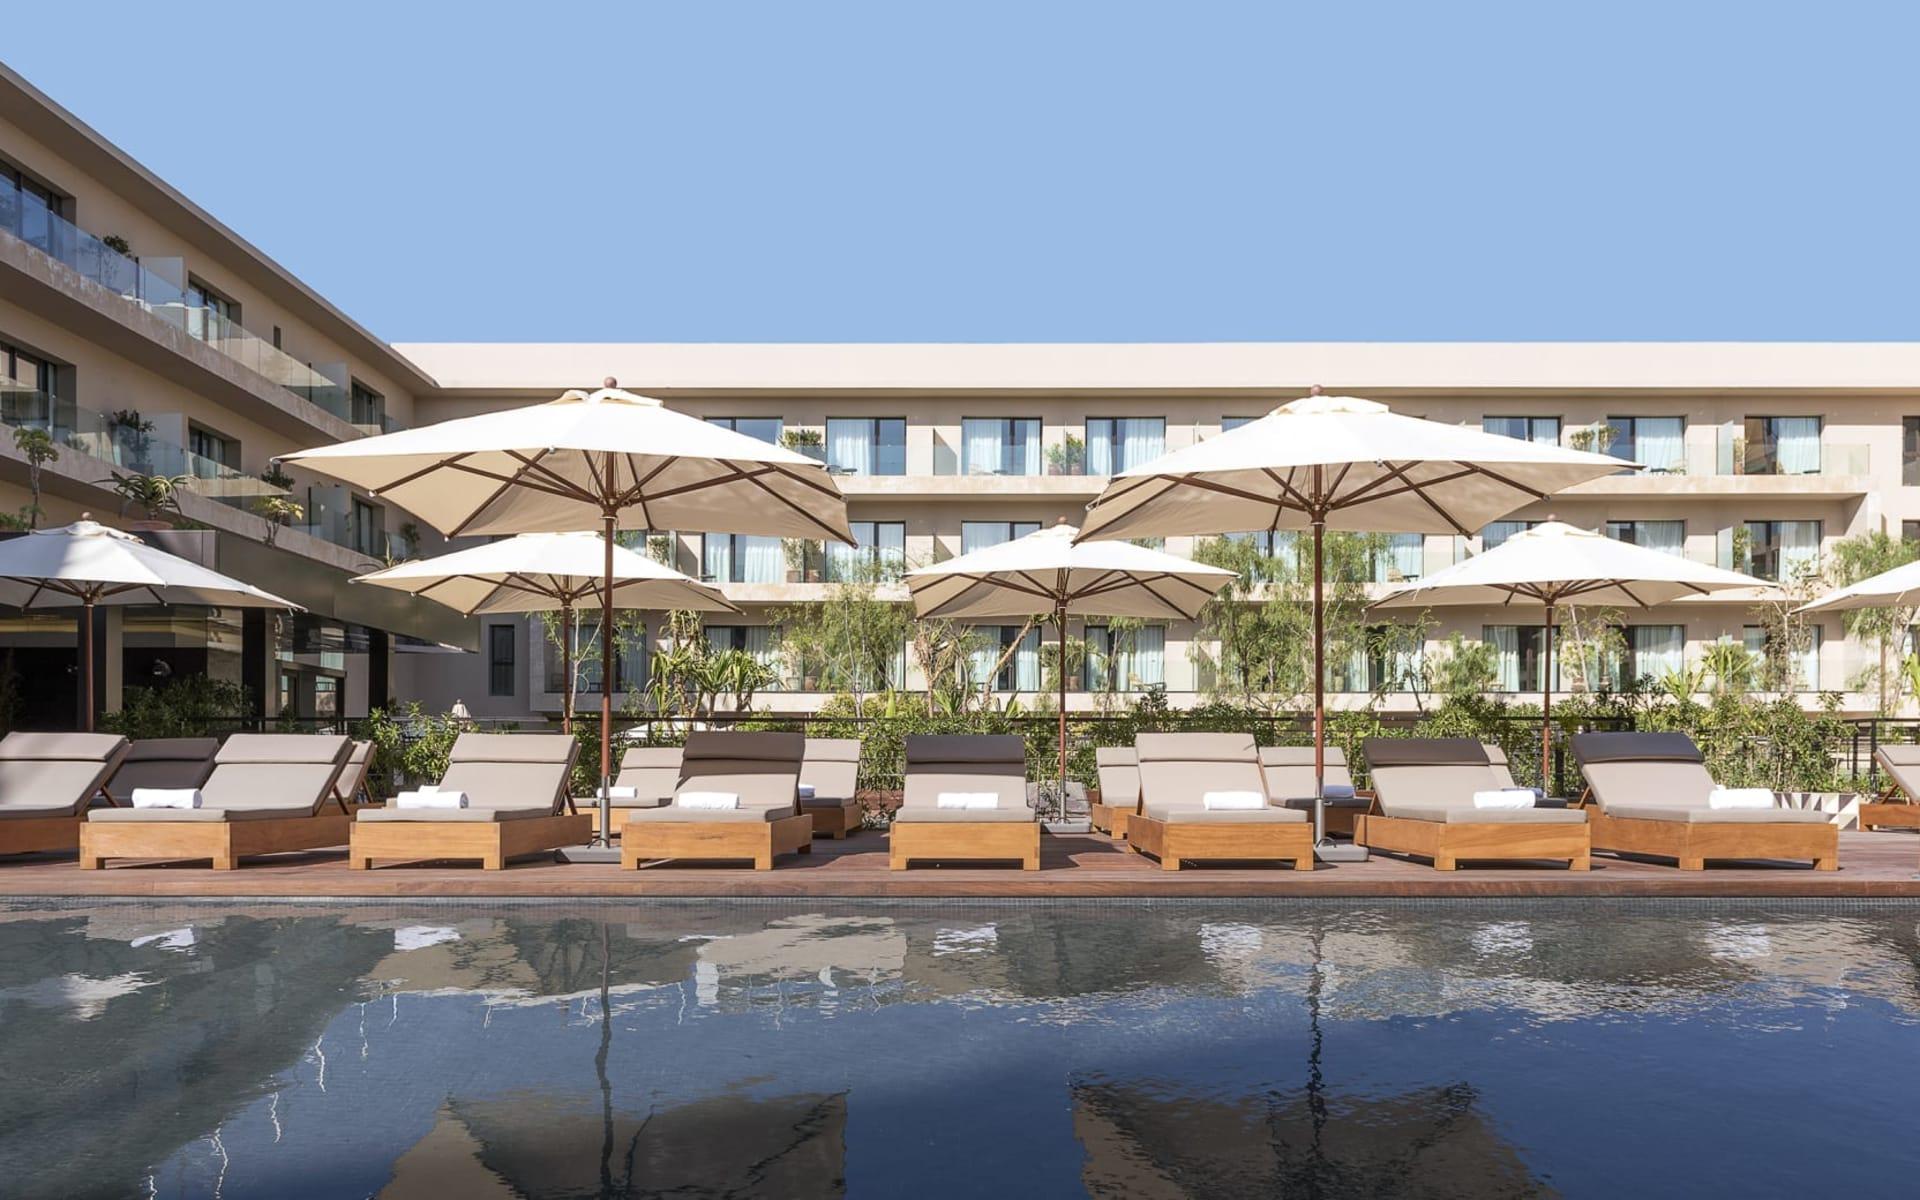 Radisson Blu Hotel in Marrakesch: